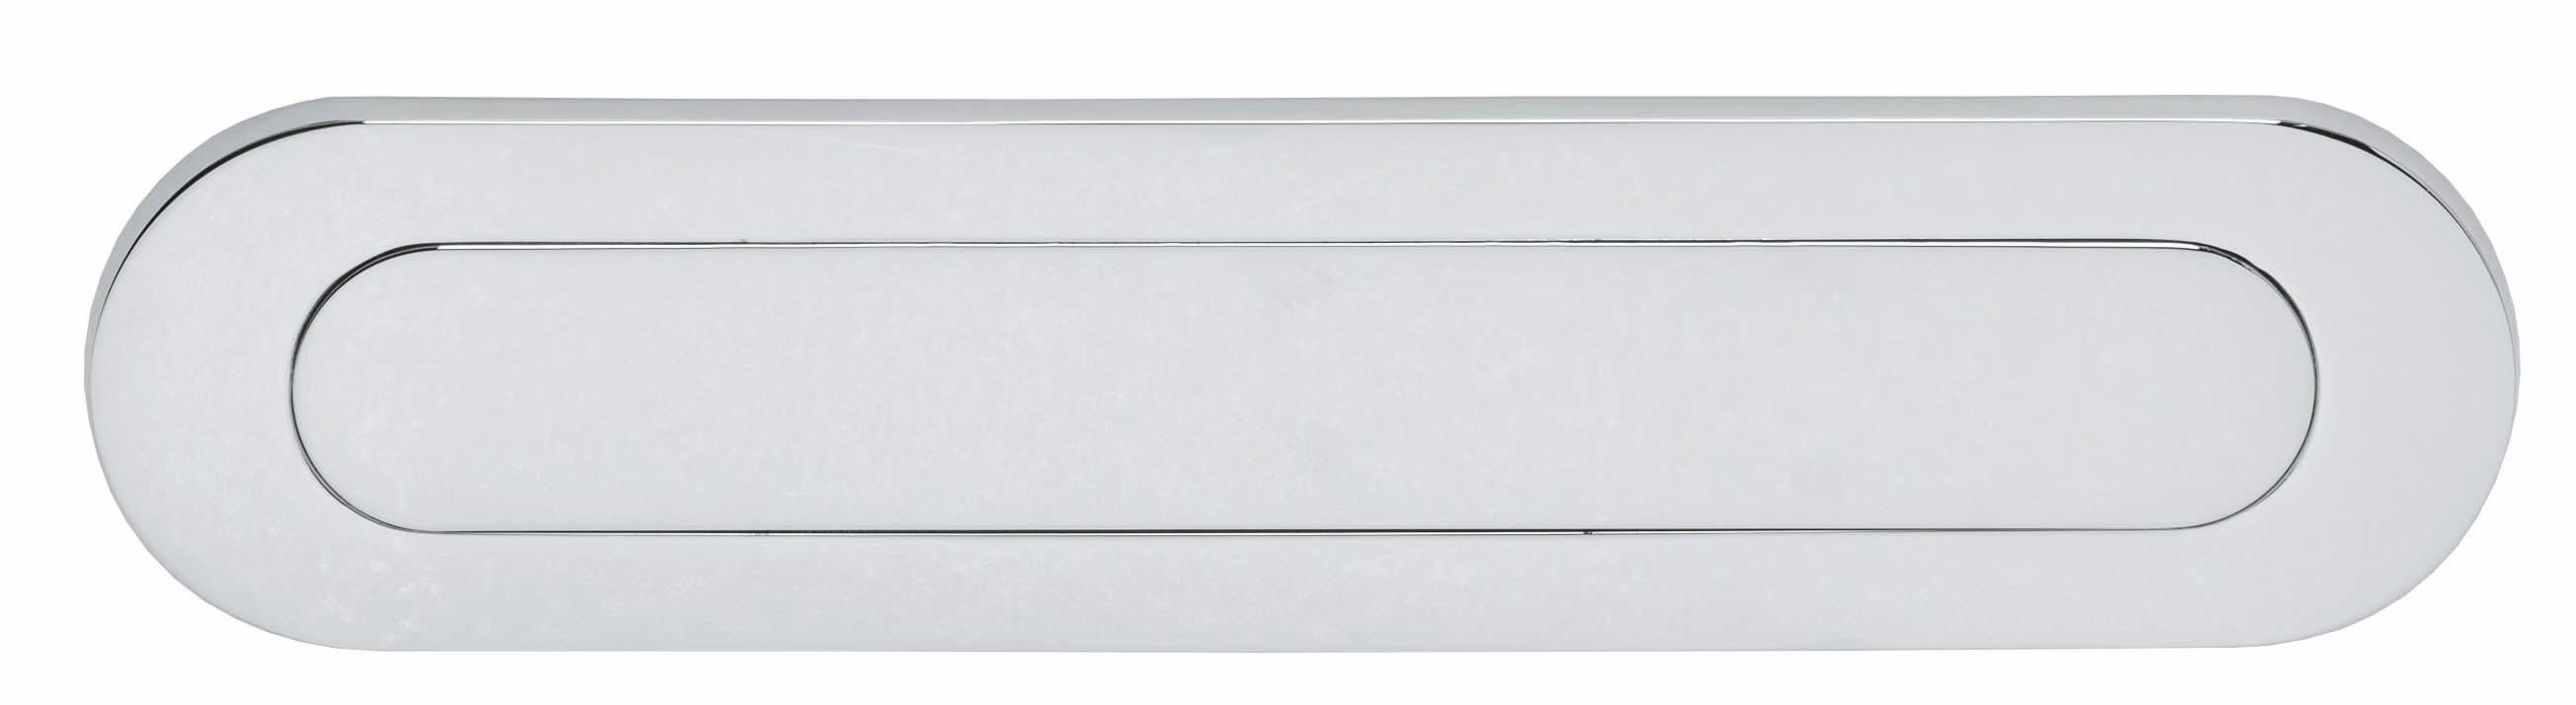 Intersteel Briefplaat ovaal met veer chroom